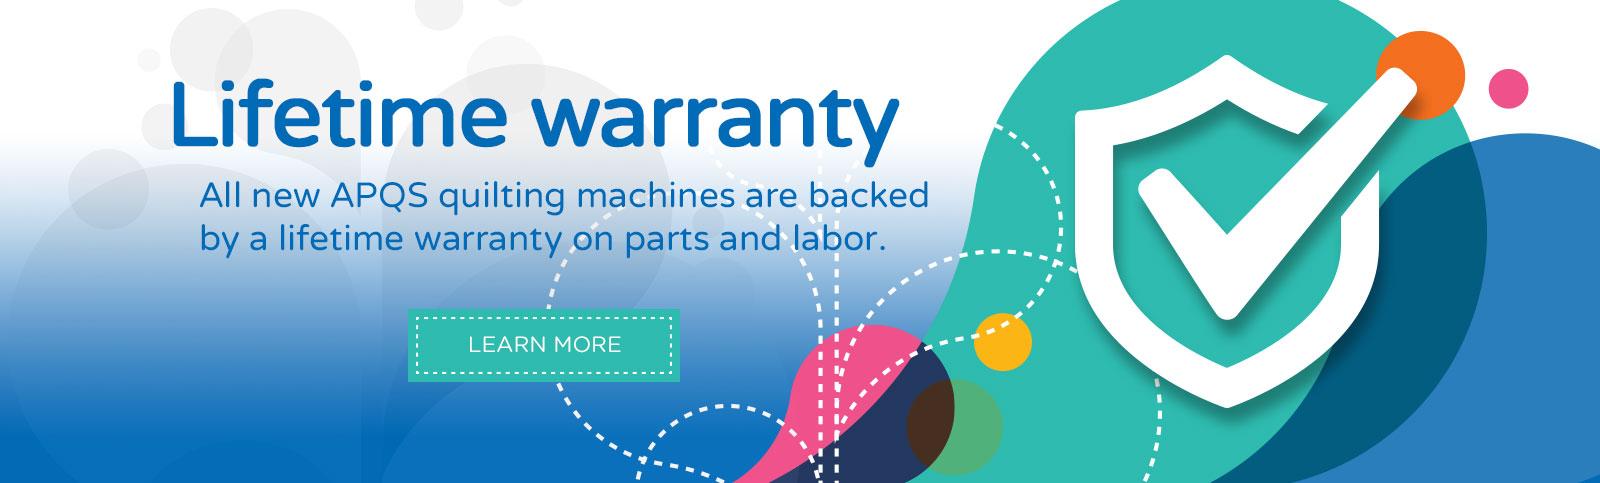 APQS Lifetime Warranty